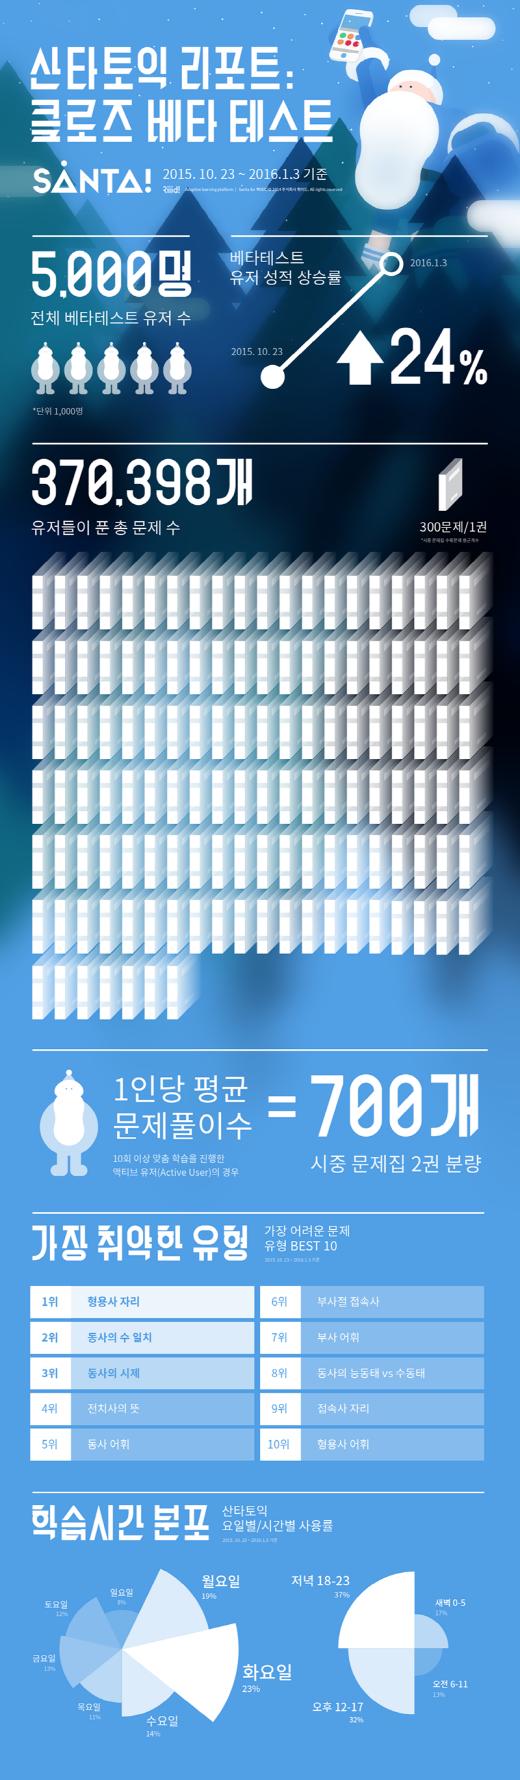 """토익 수험생 취약한 문제 유형, """"형용사, 부사 헷갈리지 마세요"""""""